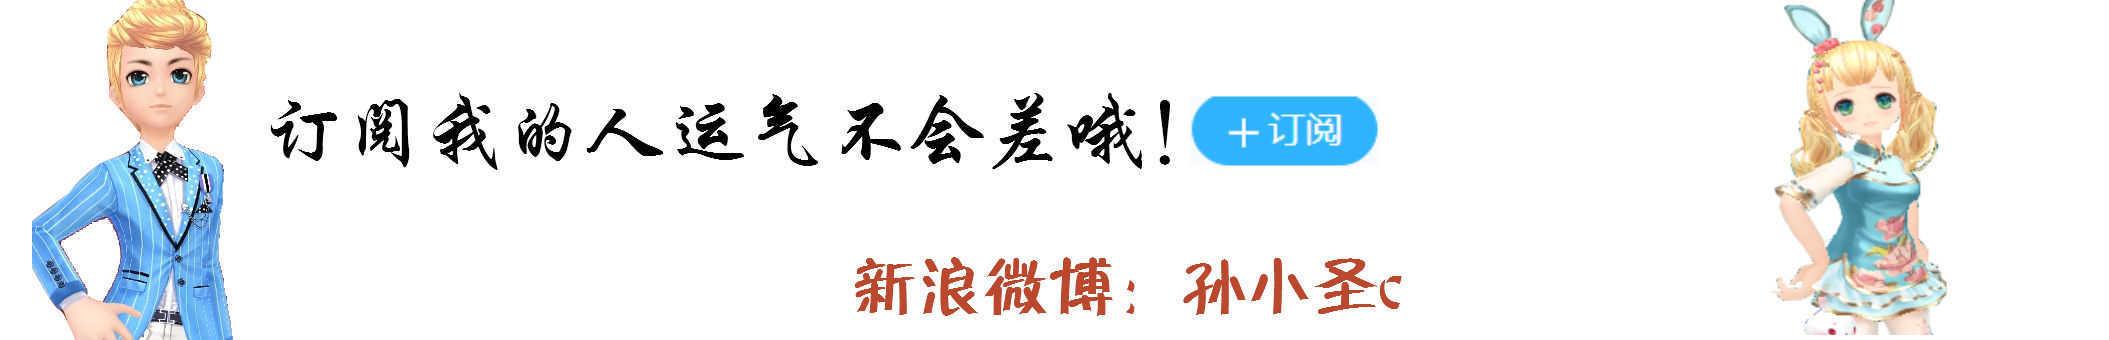 孙小圣 banner